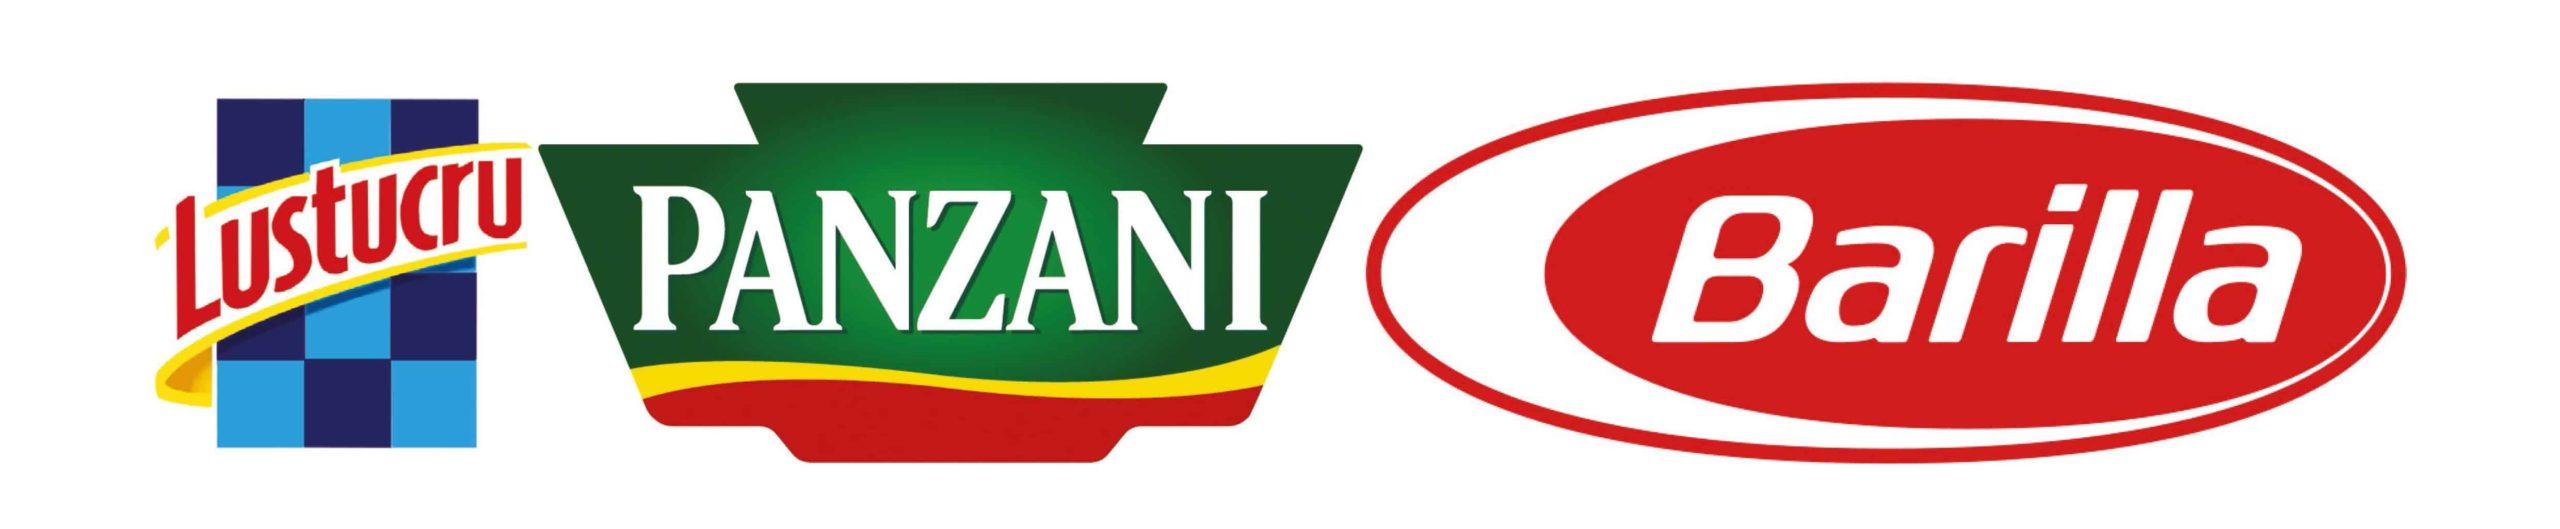 Logos de marques de pâtes